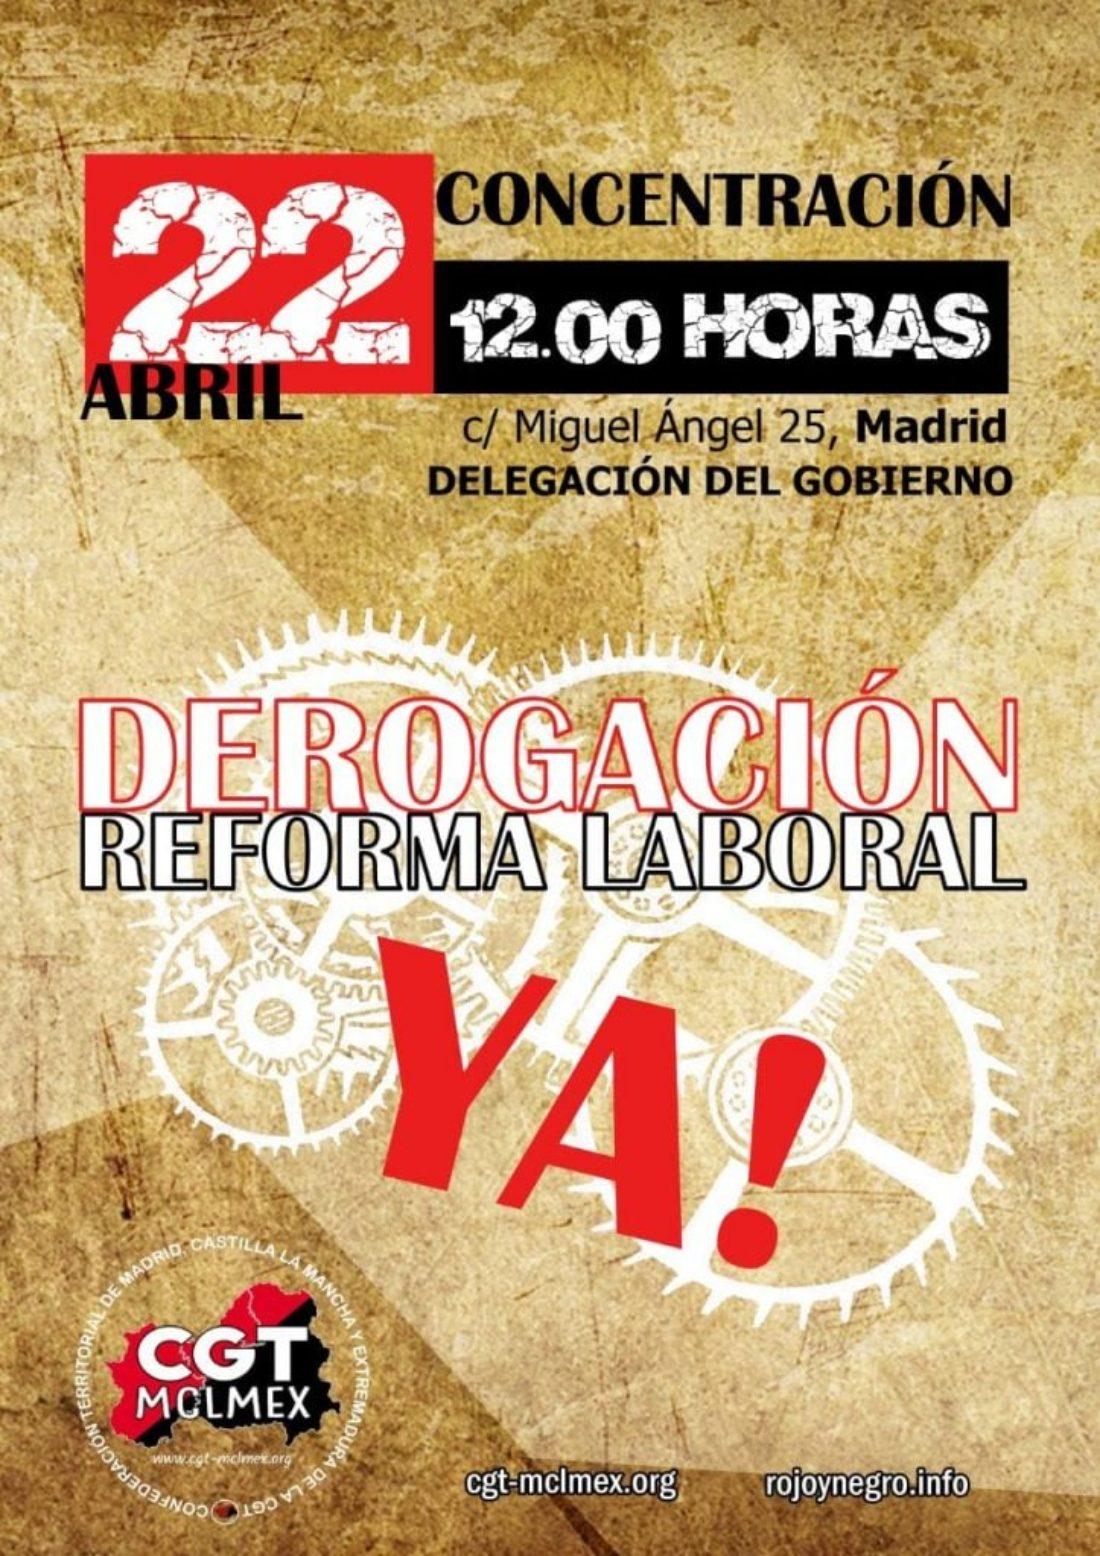 Concentración por la derogación de la Reforma Laboral en Madrid